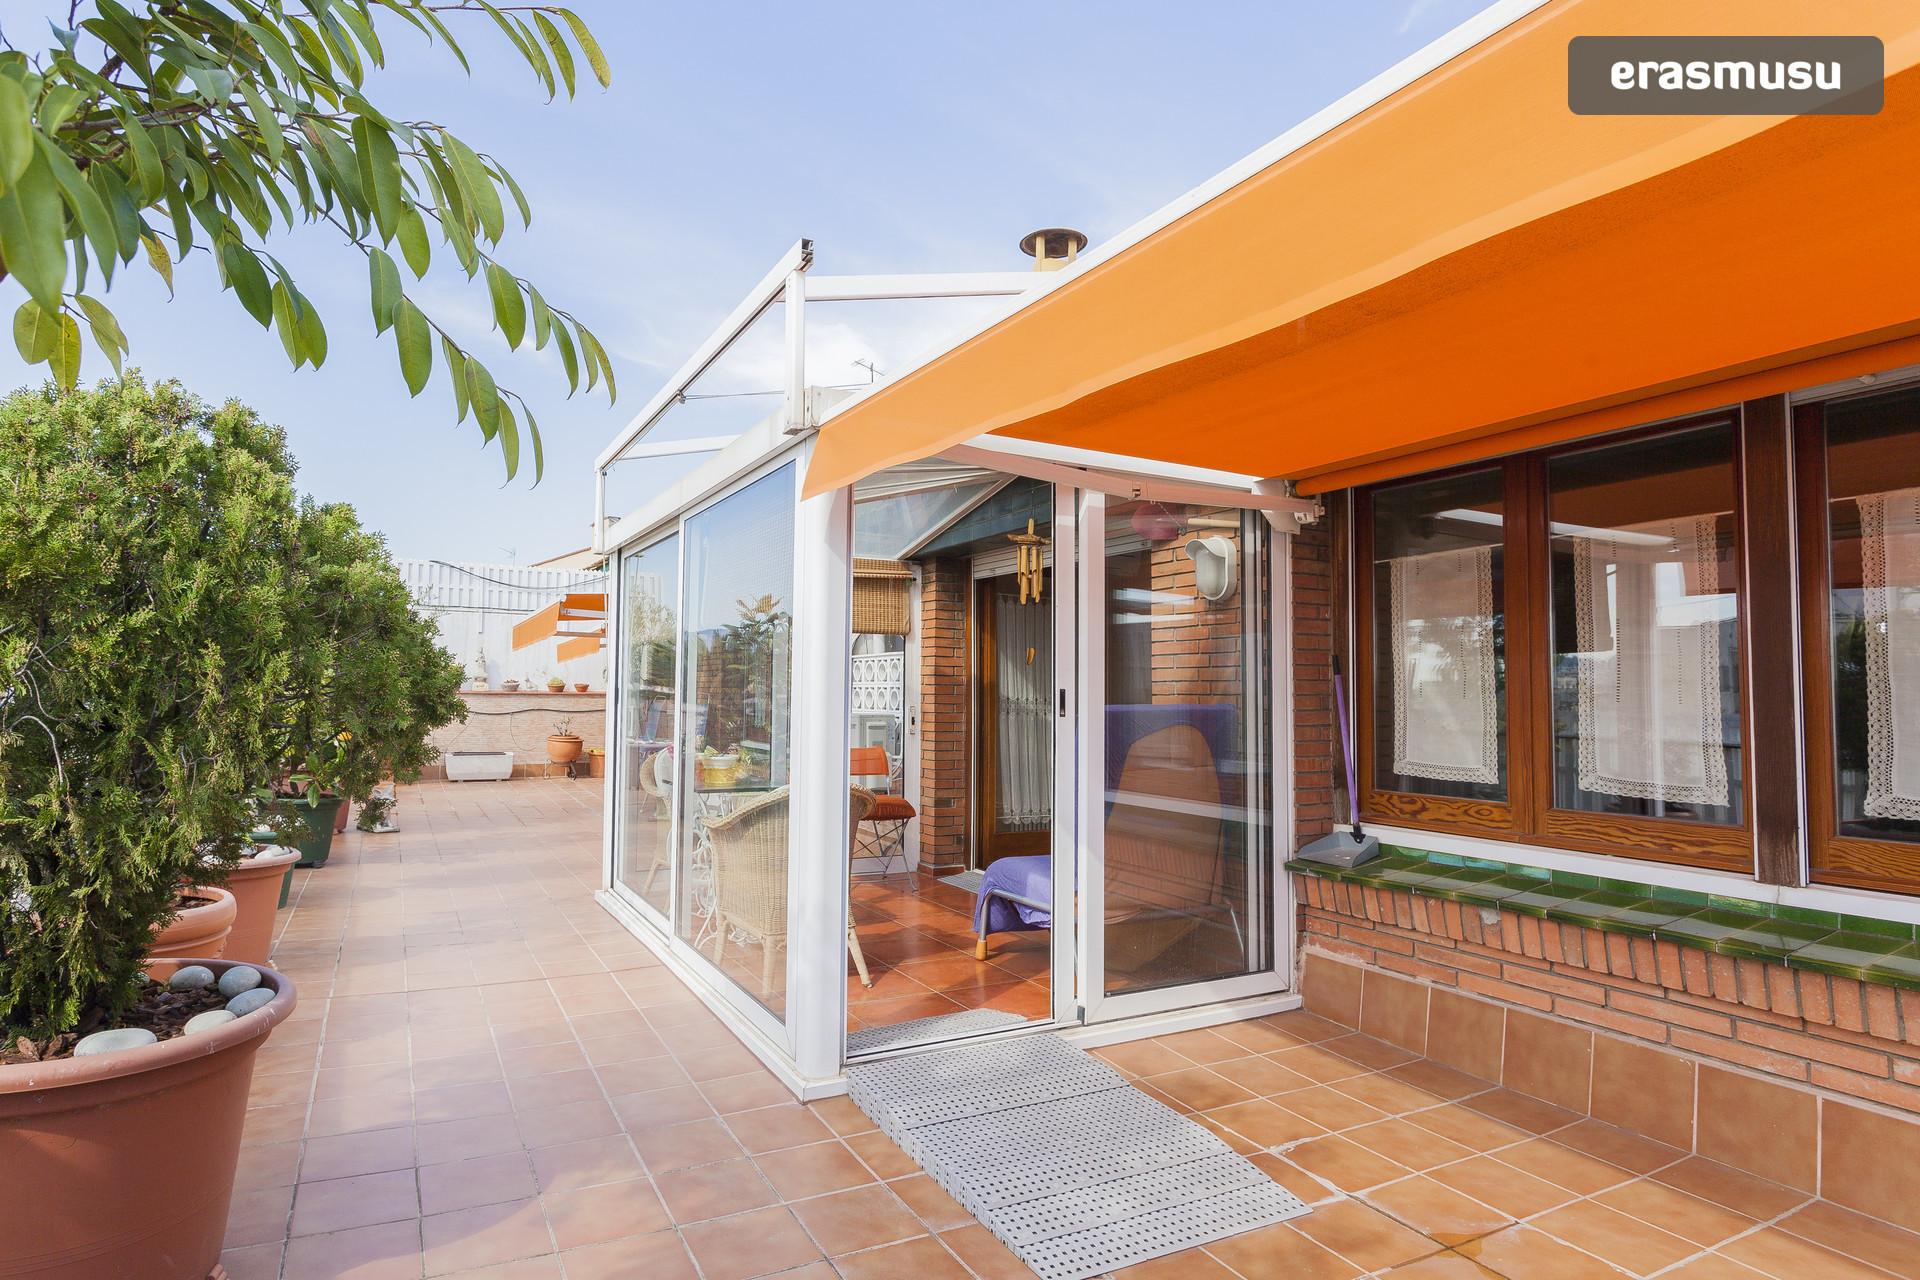 dormitorio-individual-zona-sagrega-8973f